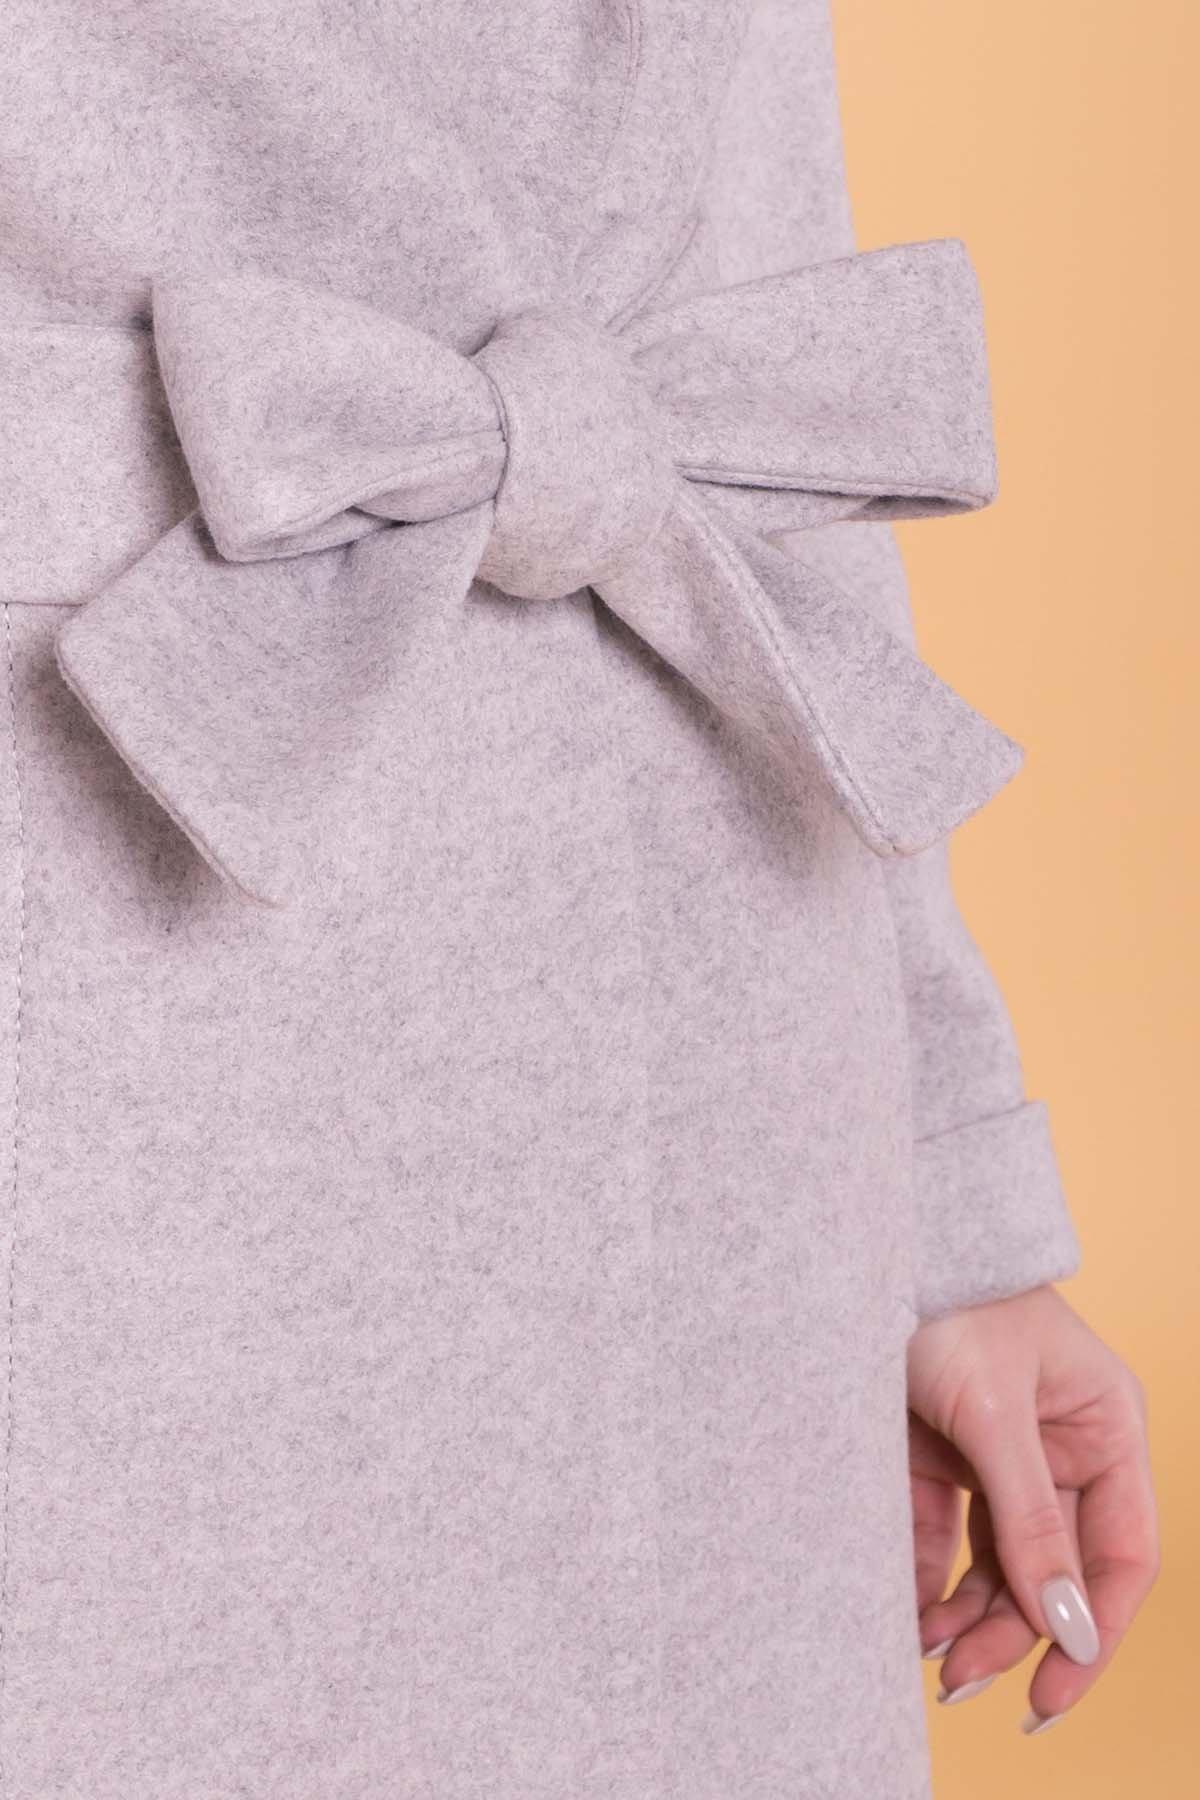 Пальто Лесли 6321 АРТ. 41097 Цвет: Серый Светлый 27 - фото 6, интернет магазин tm-modus.ru